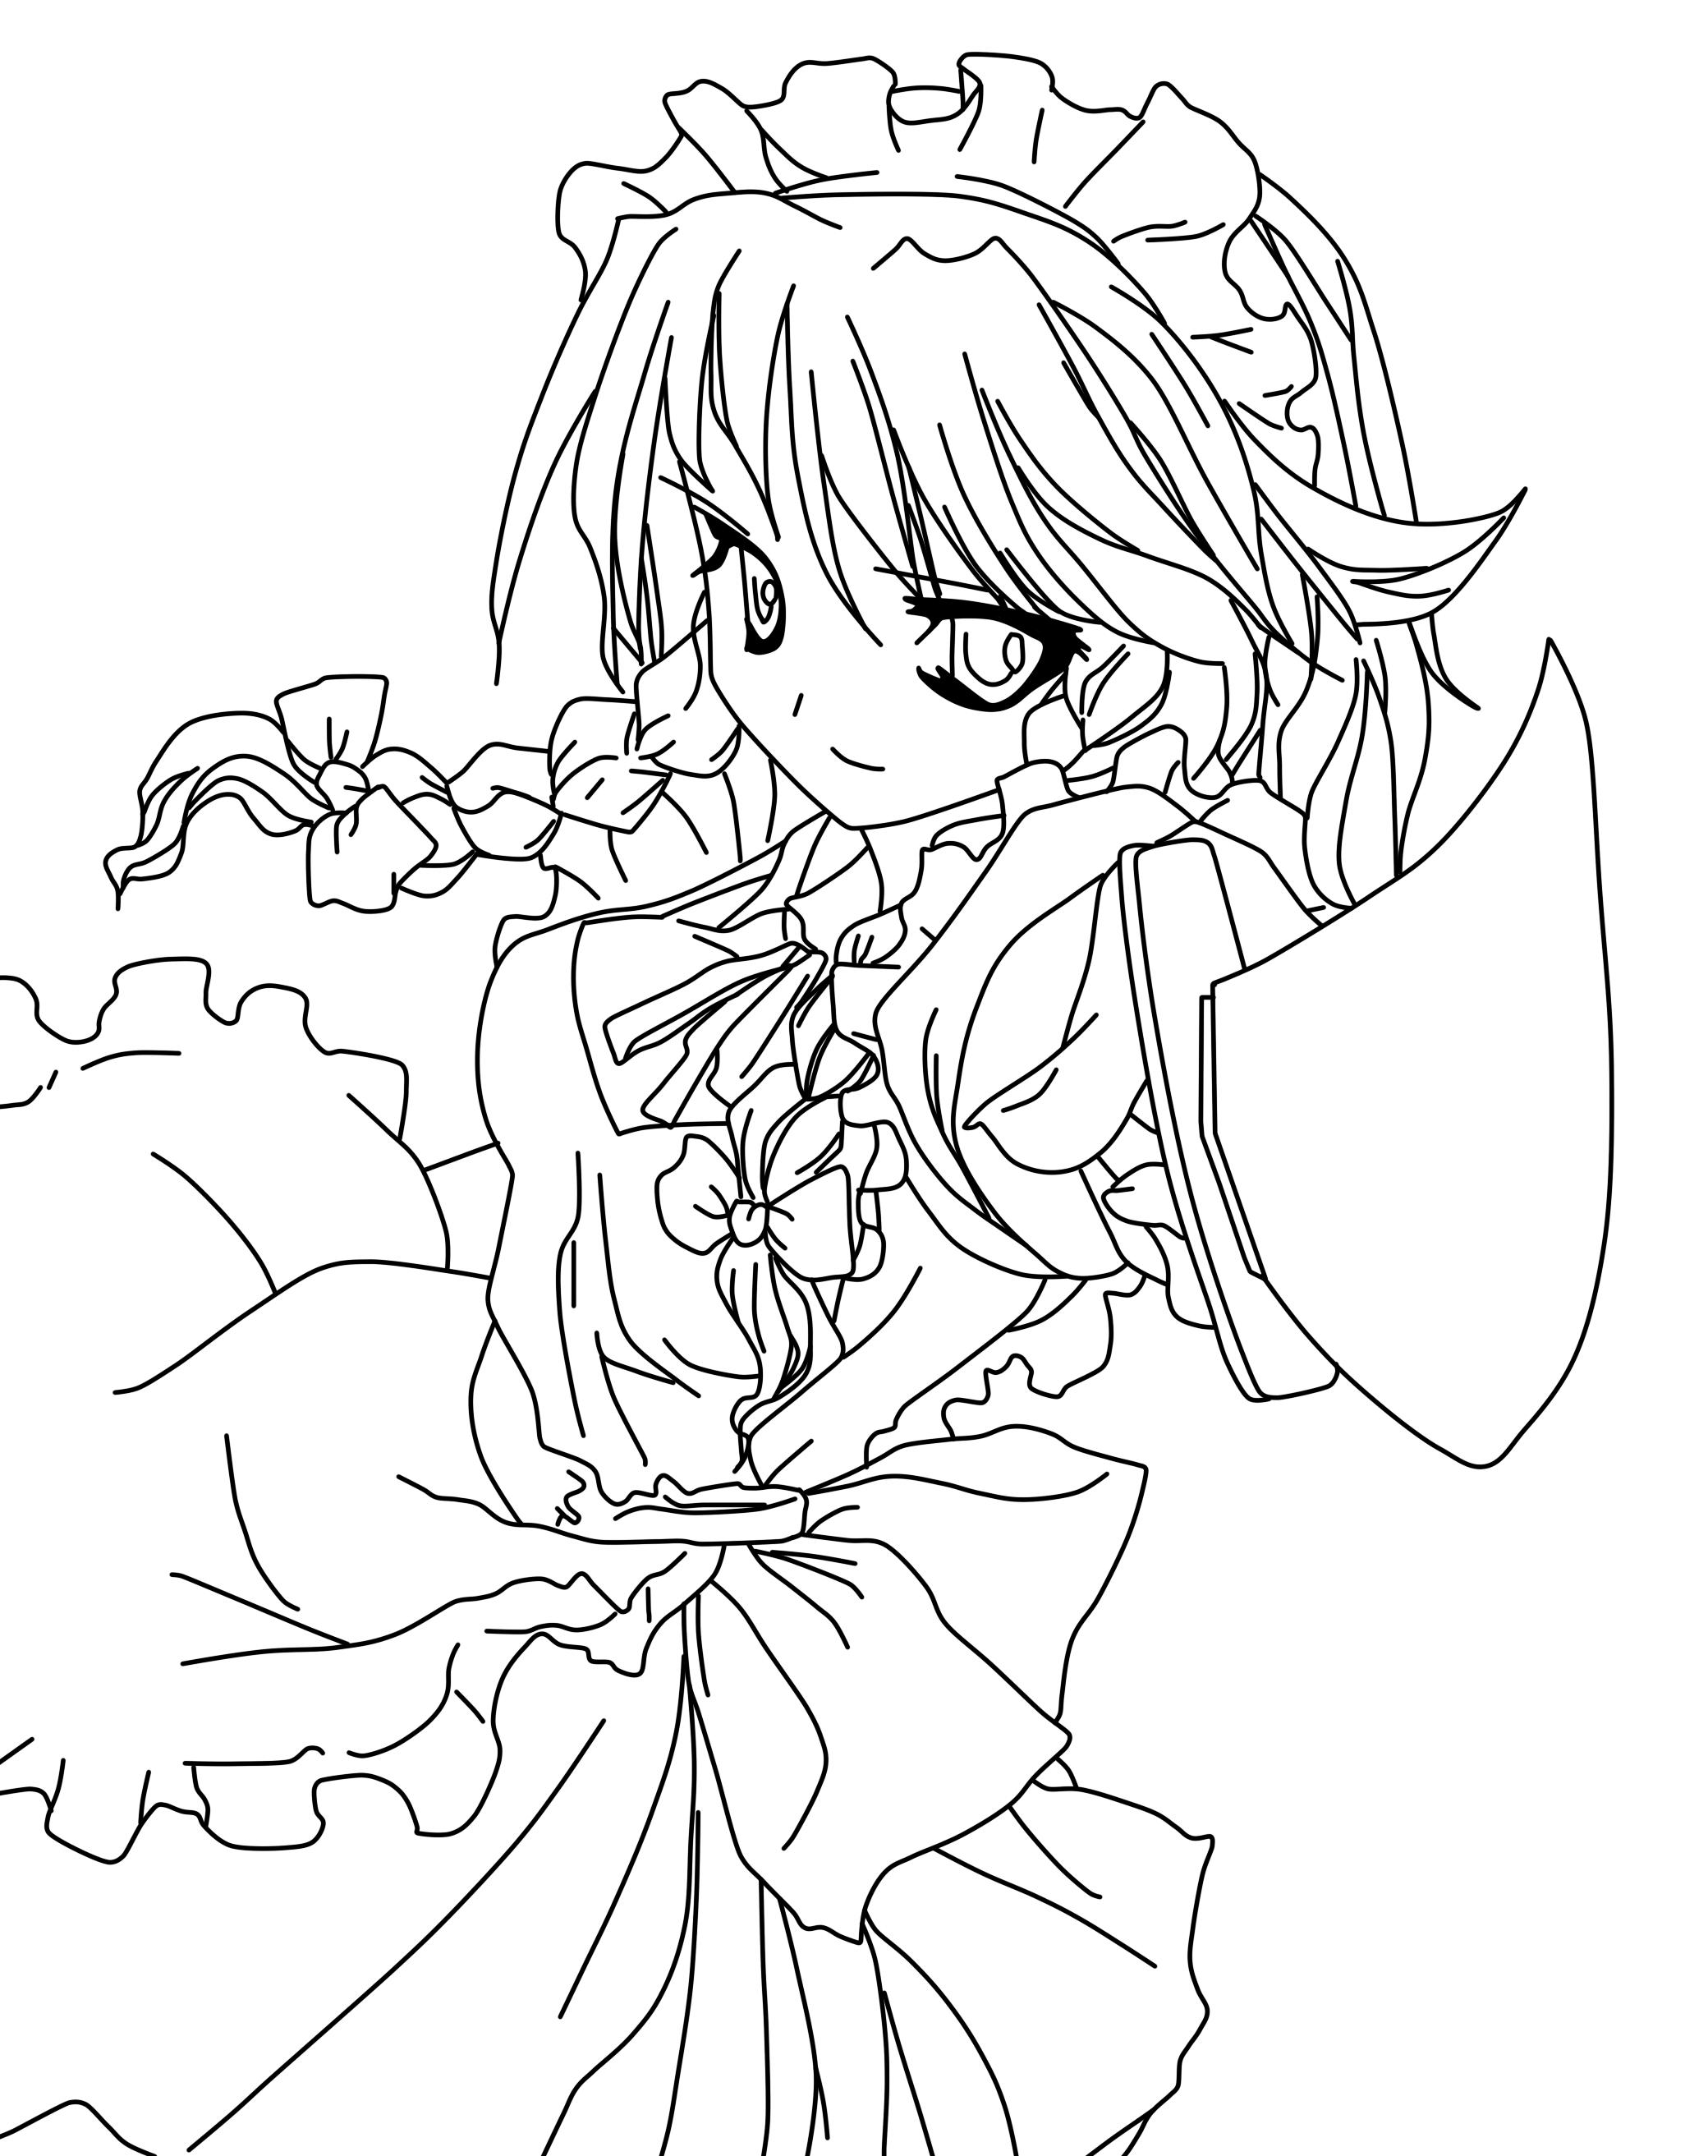 Sakuya izayoi coloring page by doremefasoladedo on deviantart for Coloring manga pages